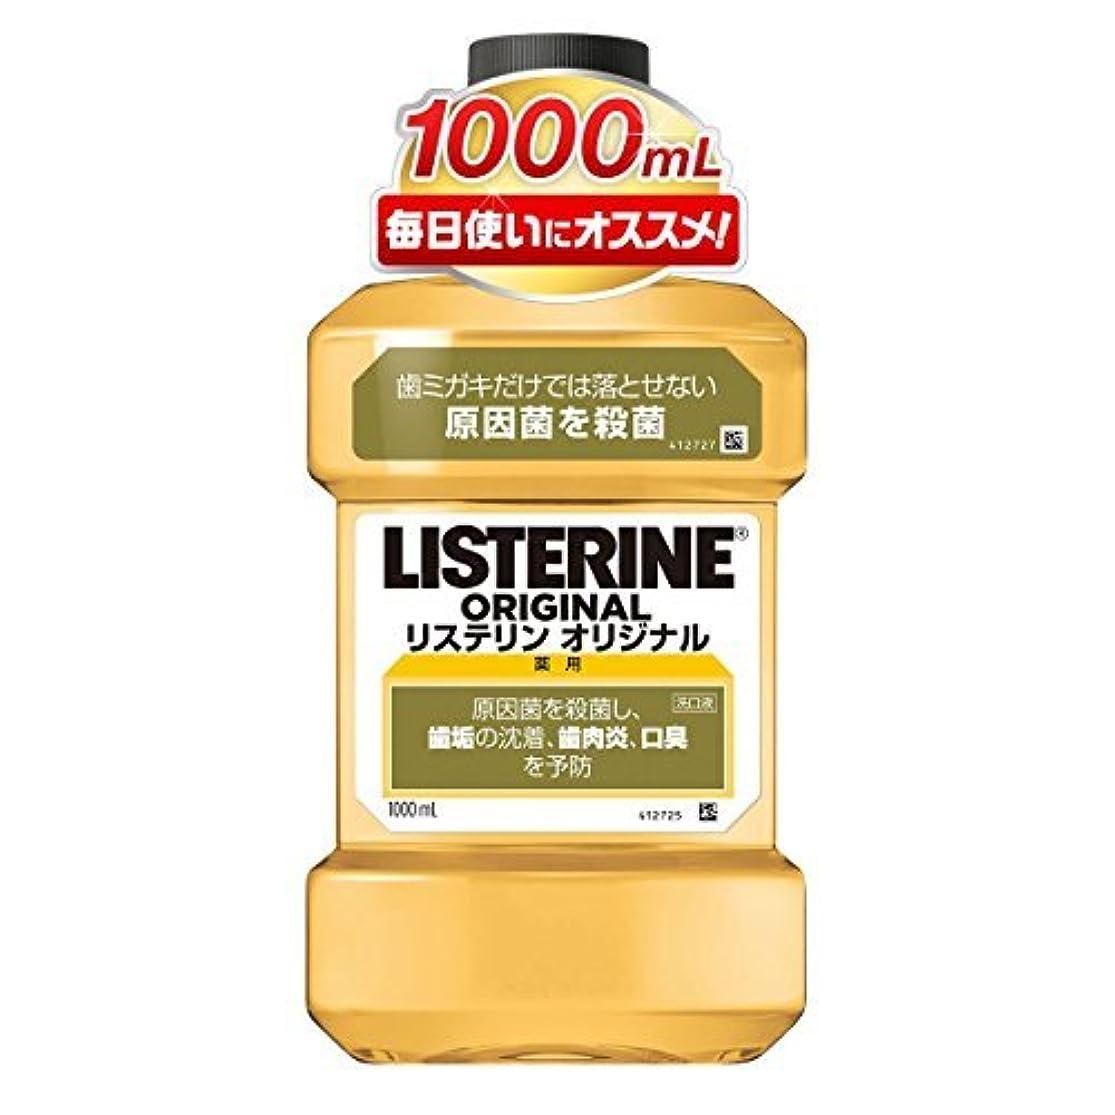 検出可能バタフライガード薬用リステリン オリジナル 1000ml ×6個セット